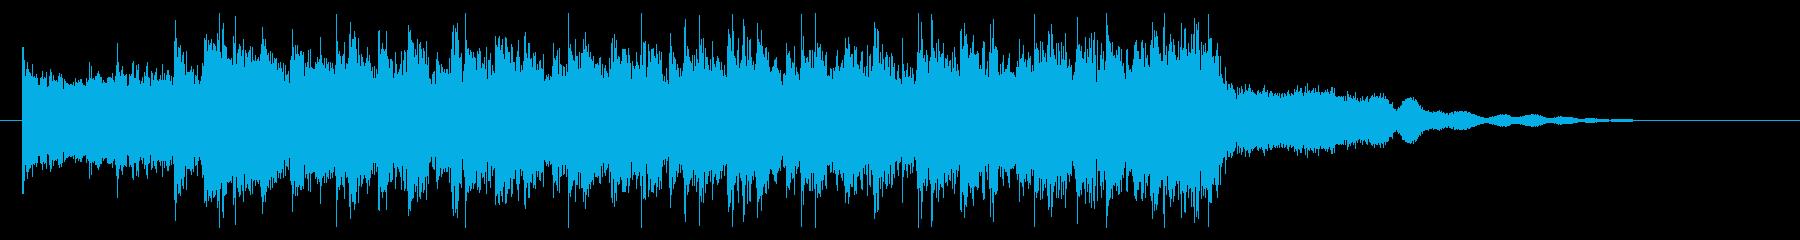 プロレスや過激パフォーマンス(ゴング有)の再生済みの波形